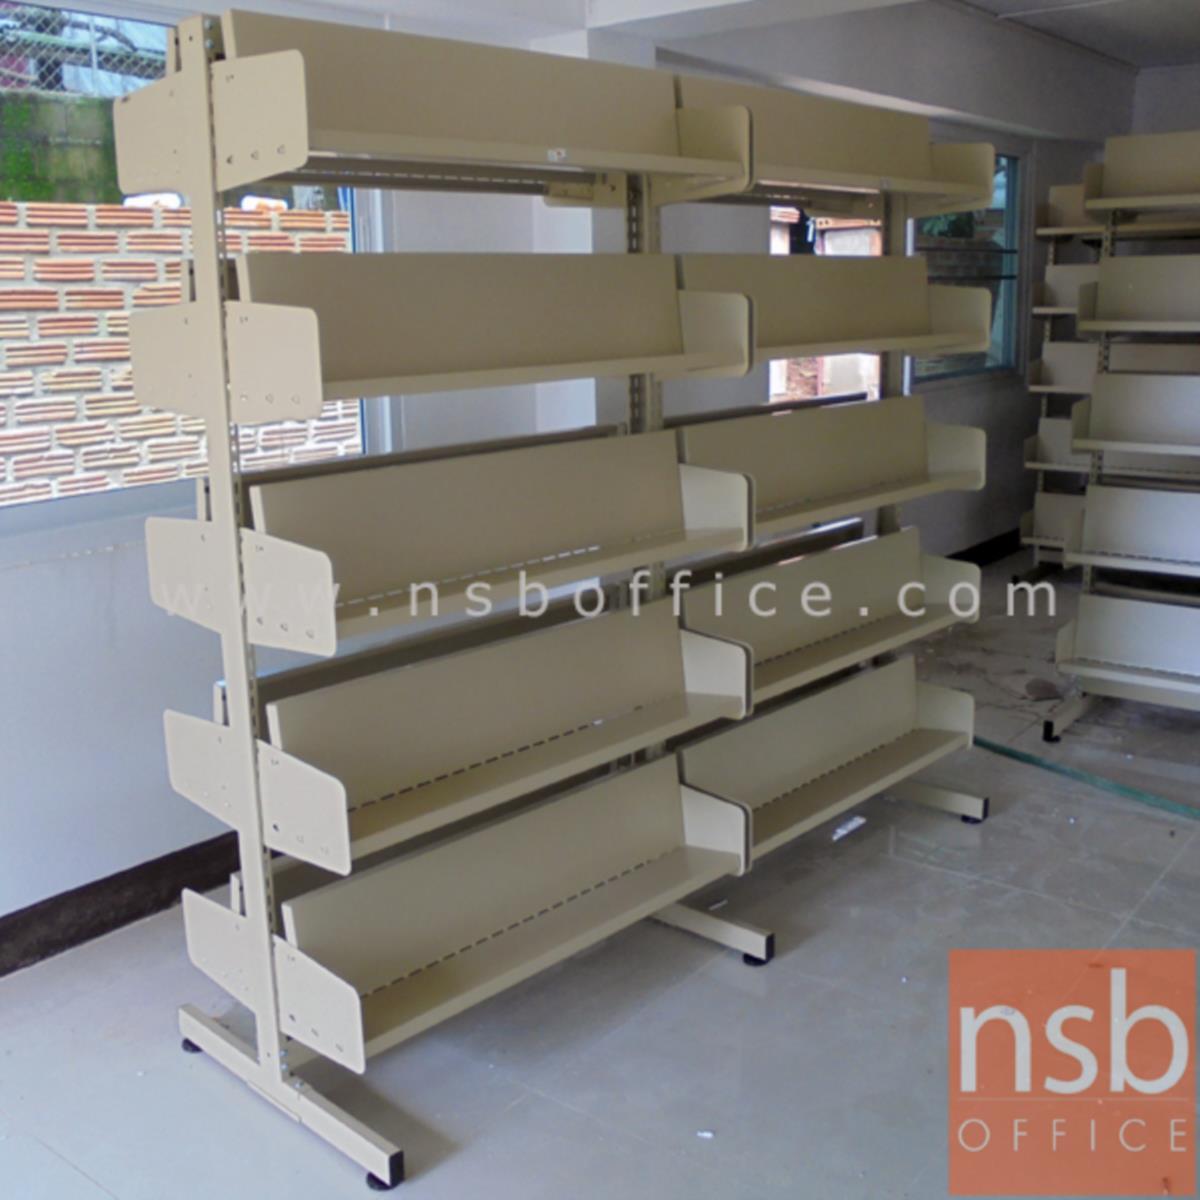 ชั้นวางวารสาร 5 ชั้น 2 ด้าน (แบบ 2 ตอน) รุ่น T-S523 ขนาด 187W cm